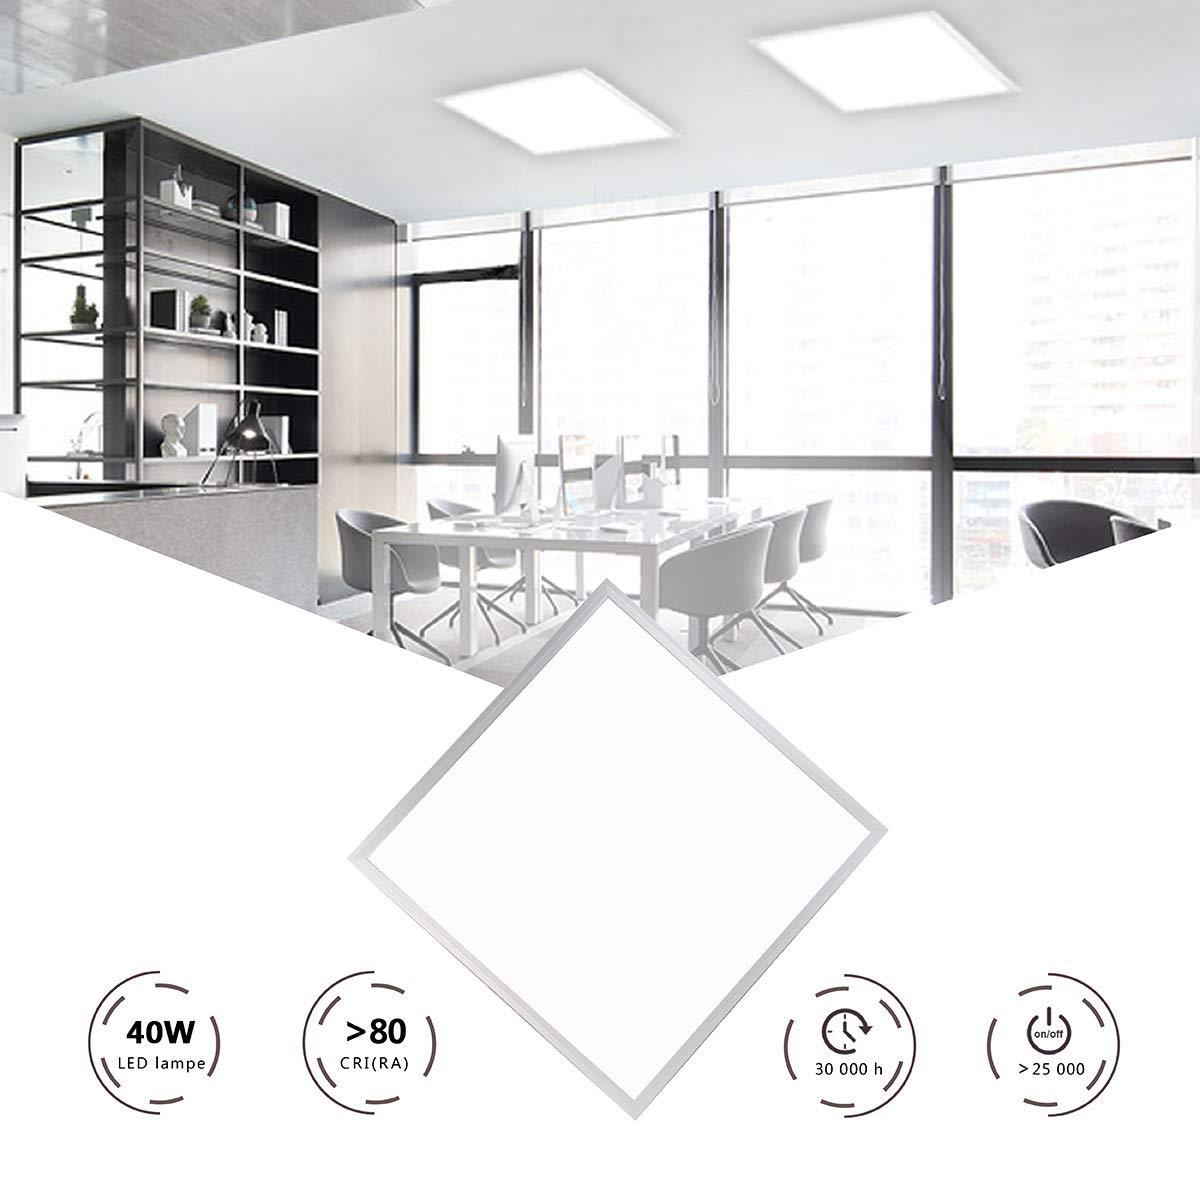 HOMEDEMO LED Panel Deckenleuchte 60x60cm Pendelleuchte Ultraslim 40W 3200lm Warmweiß 3000K Hängelampe mit Seilaufhängung und Trafo Weißrahmen